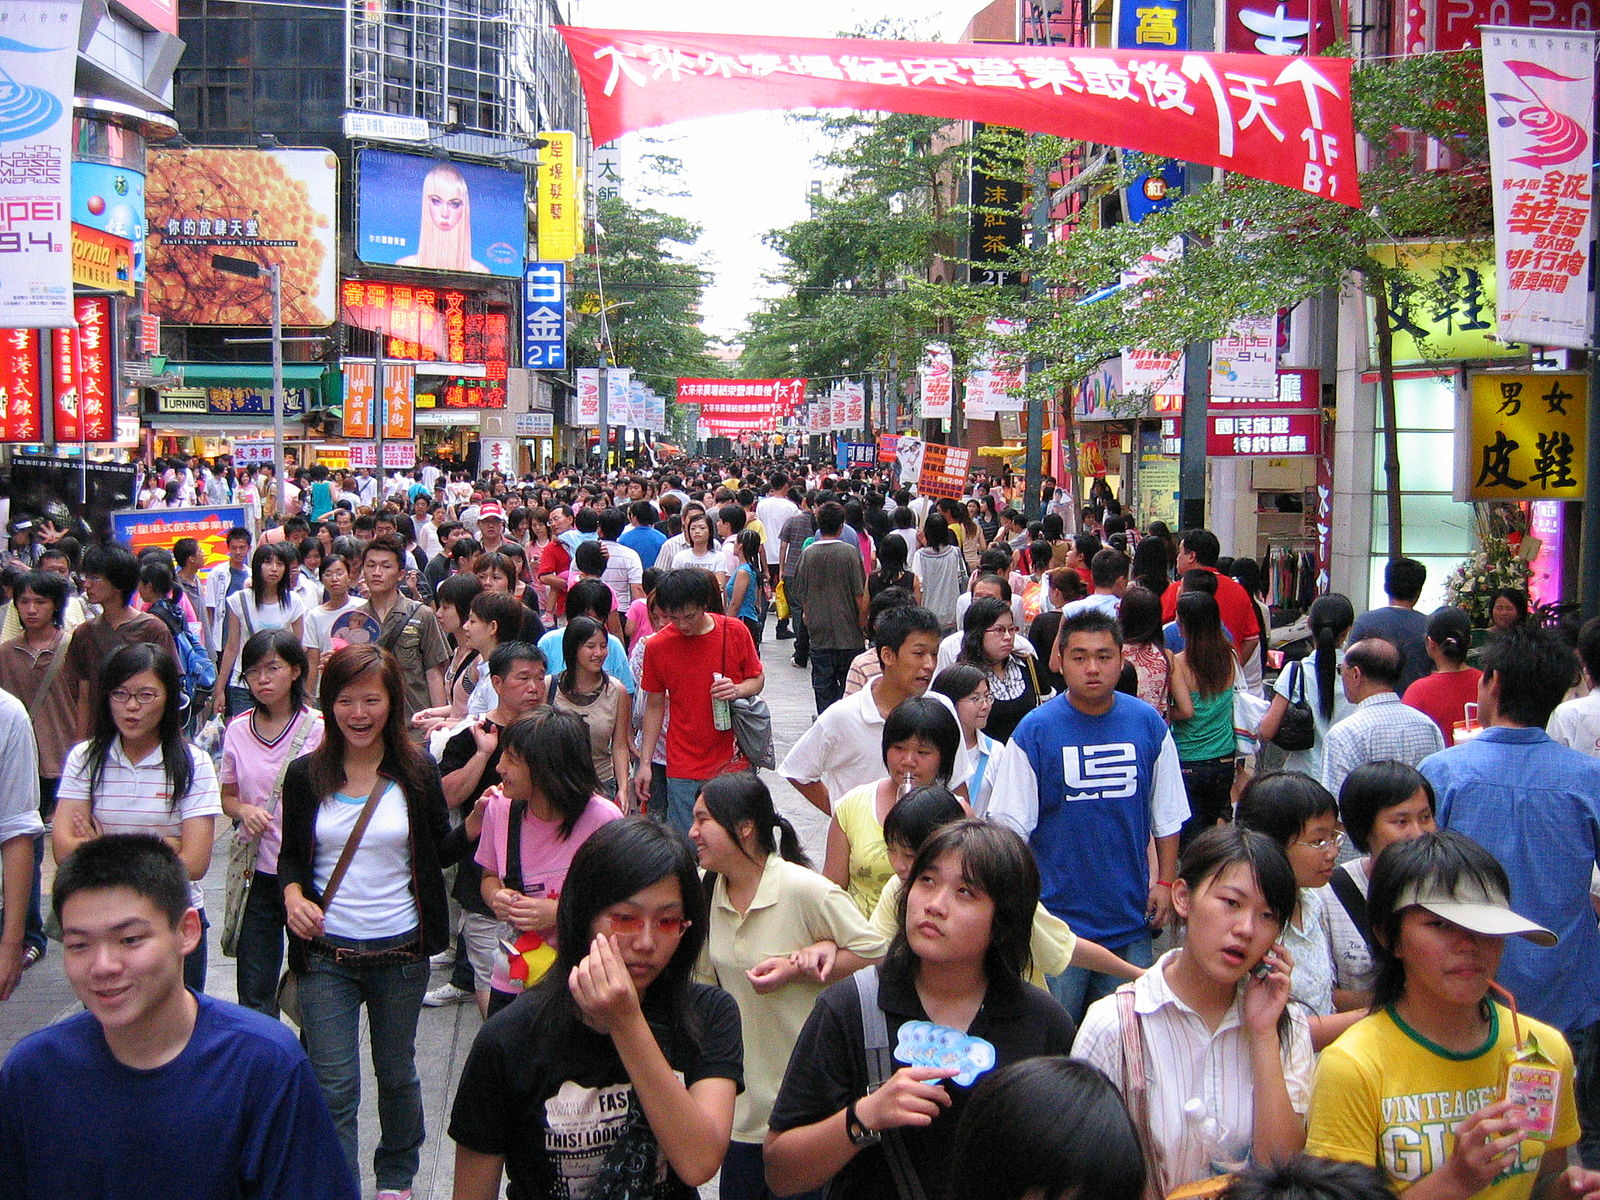 年輕人未來將在群眾衝撞台灣既有體制的過程中扮演重要角色。//圖片來源:維基百科,Richy